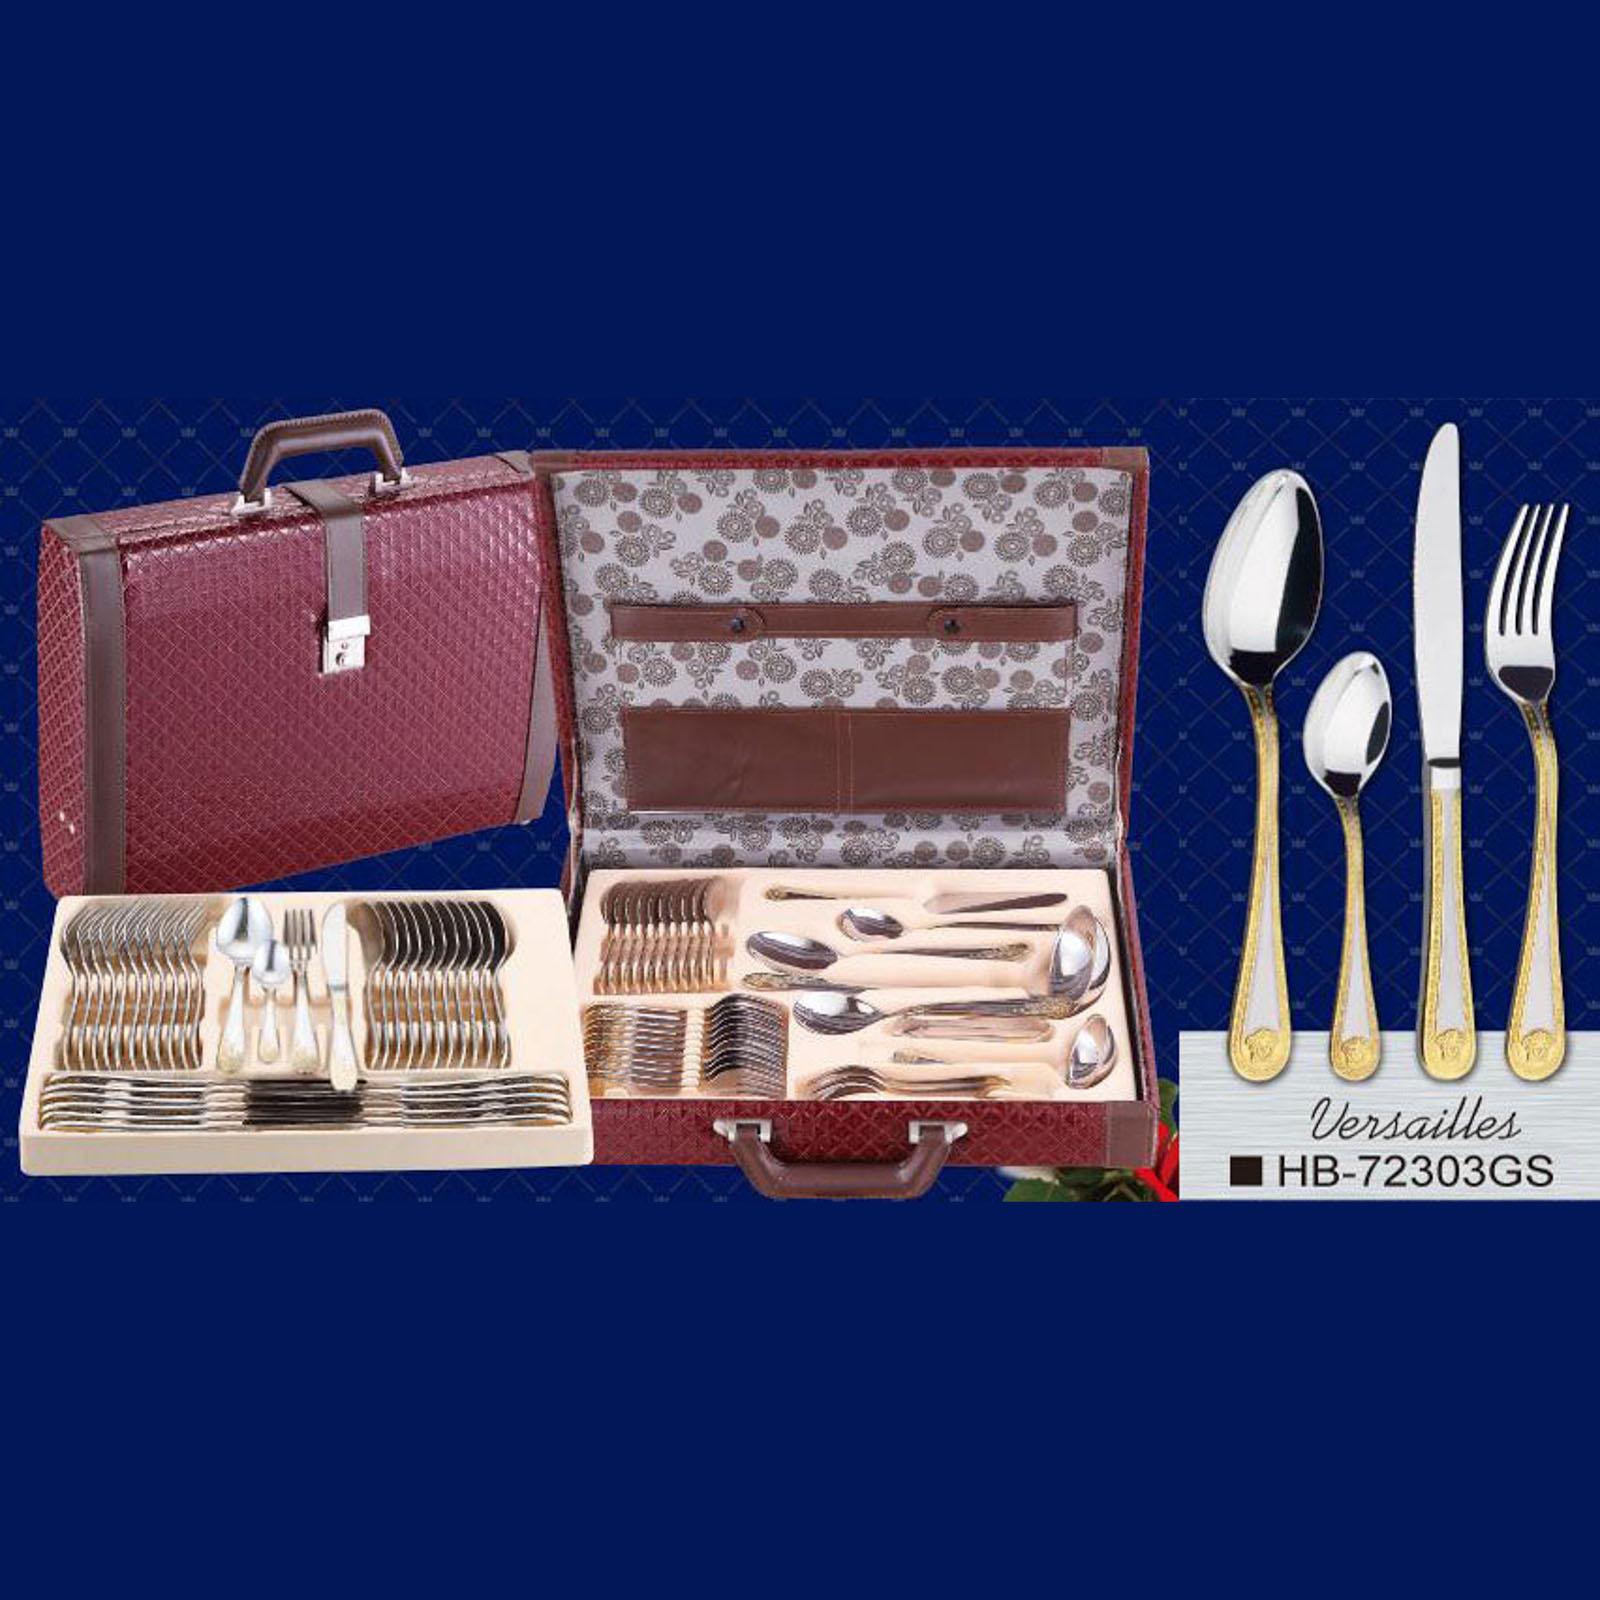 Набор столовых приборов Версаль от HOFFBURG набор кухонных ножей hoffburg 6 предметов hb 60100